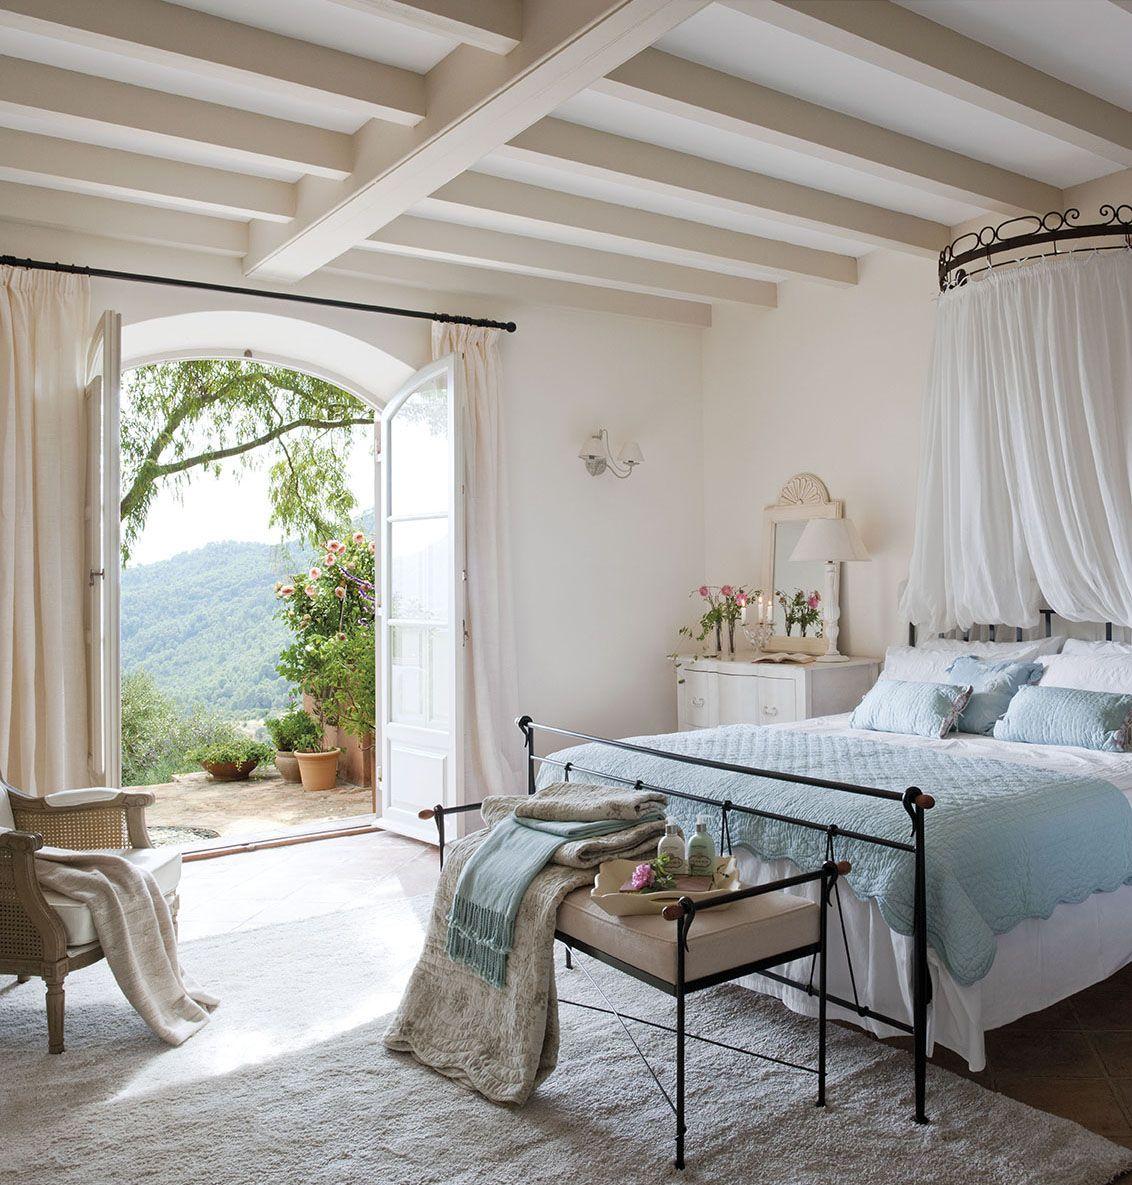 00308073. Dormitorio principal en tonos claros y turquesa con ...